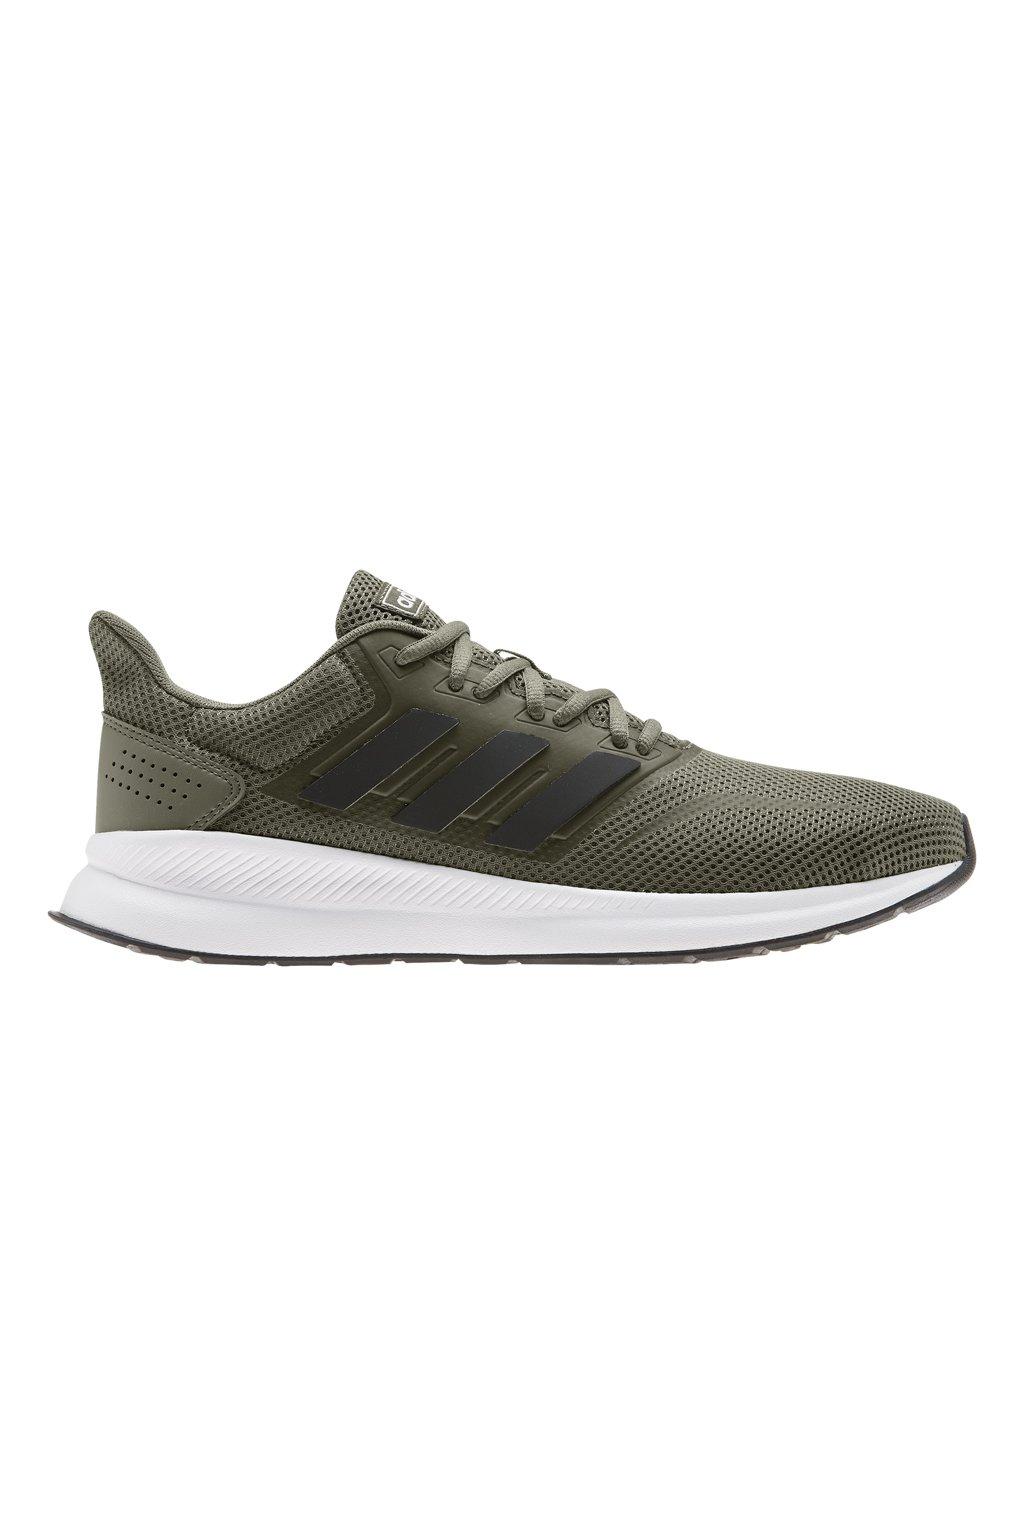 Pánske športové topánky Adidas Runfalcon zelené G28729